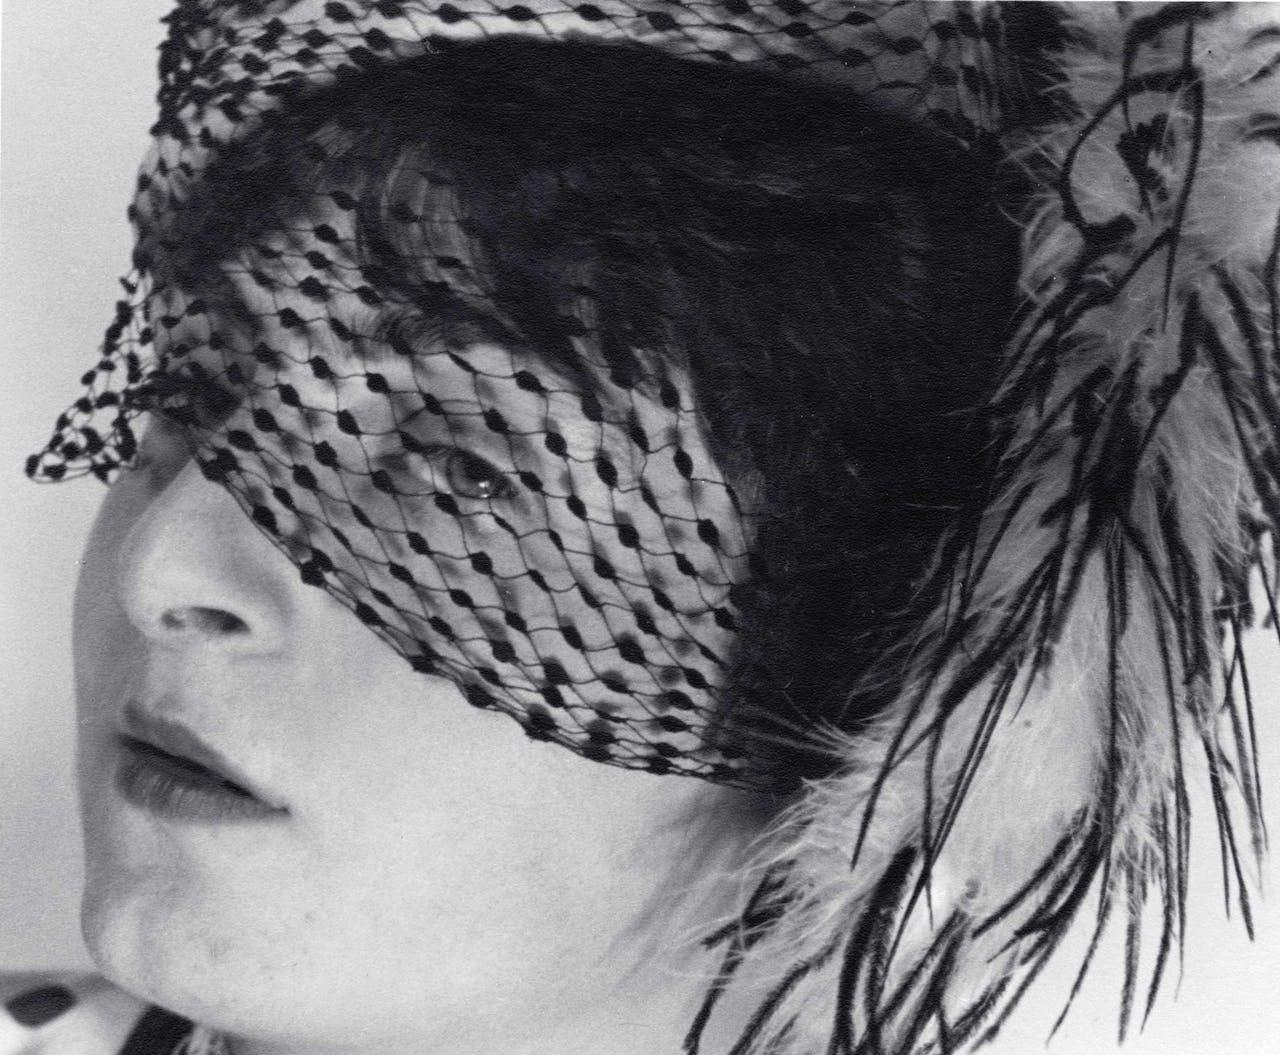 'Pit met sluier', portret van Ellen Auerbach, gemaakt door ringl (Grete Stern) in 1930.